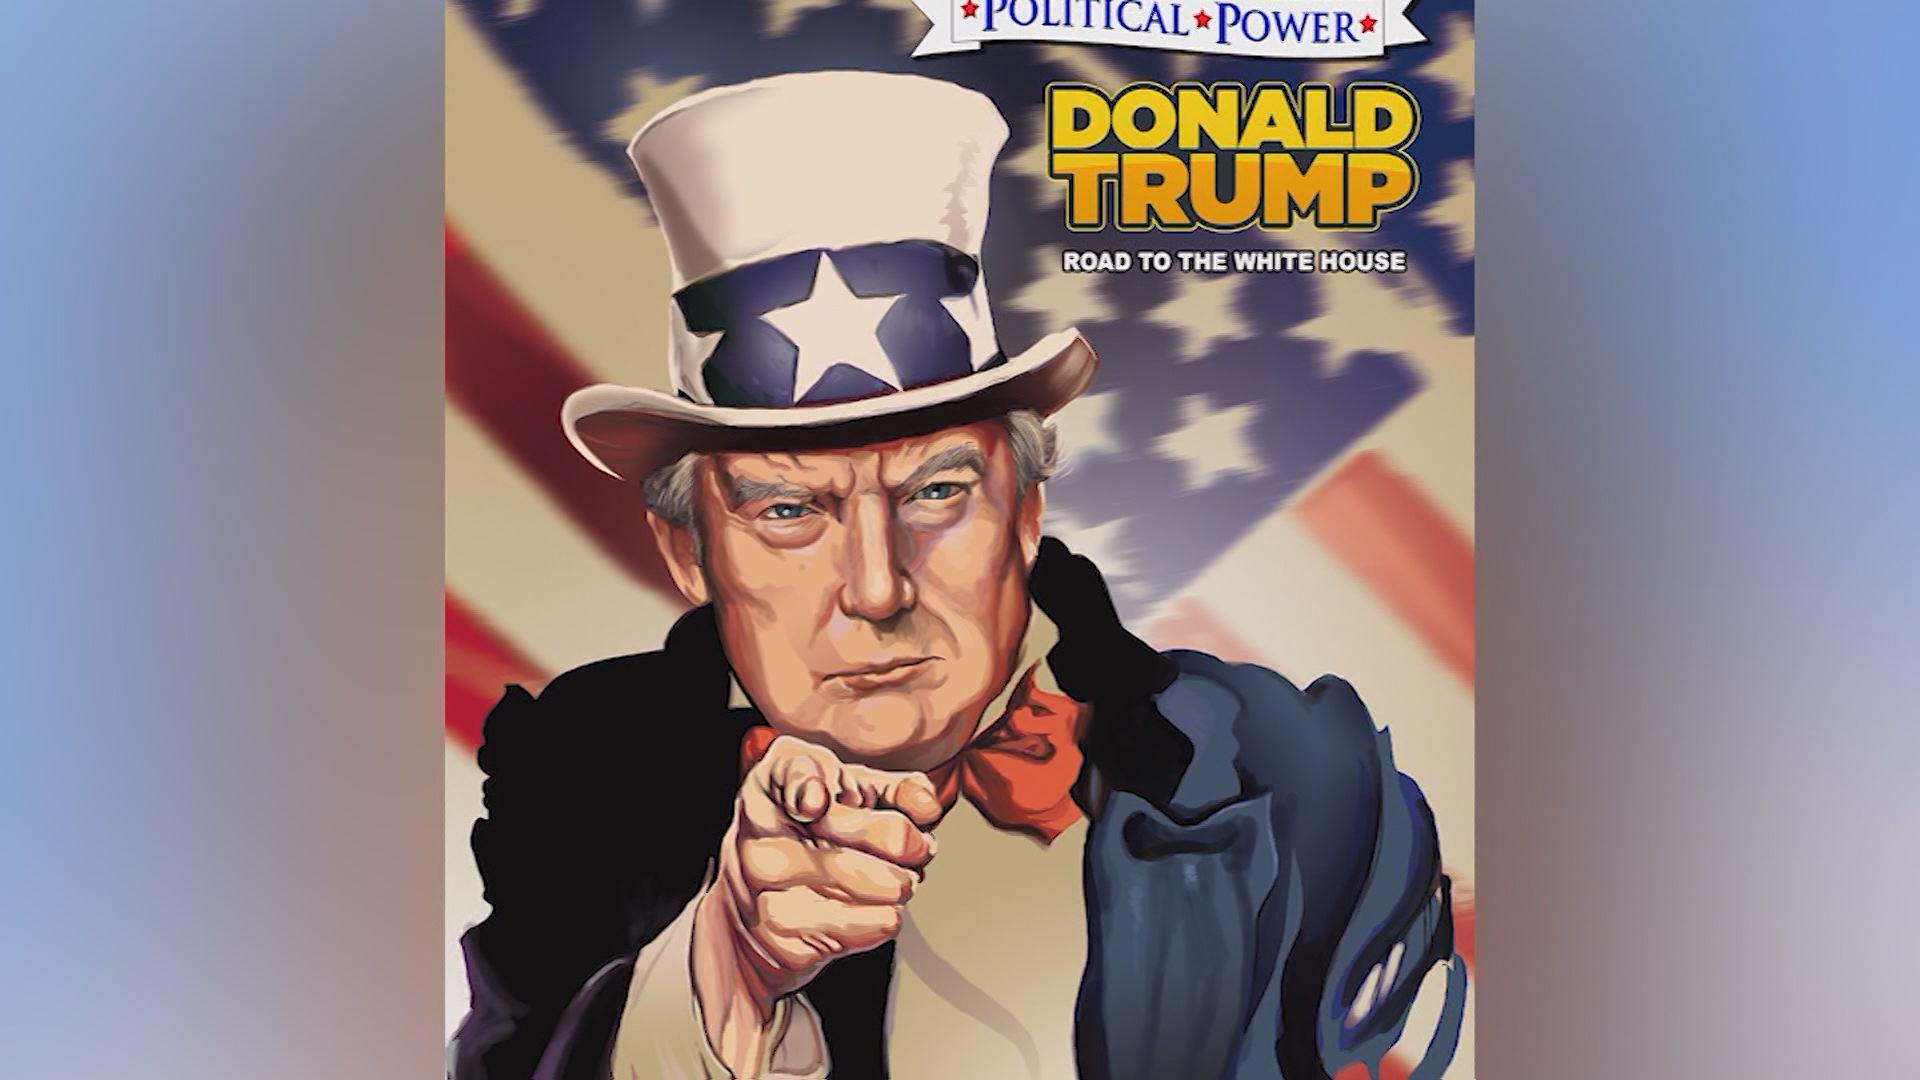 trump-comic-book_298392